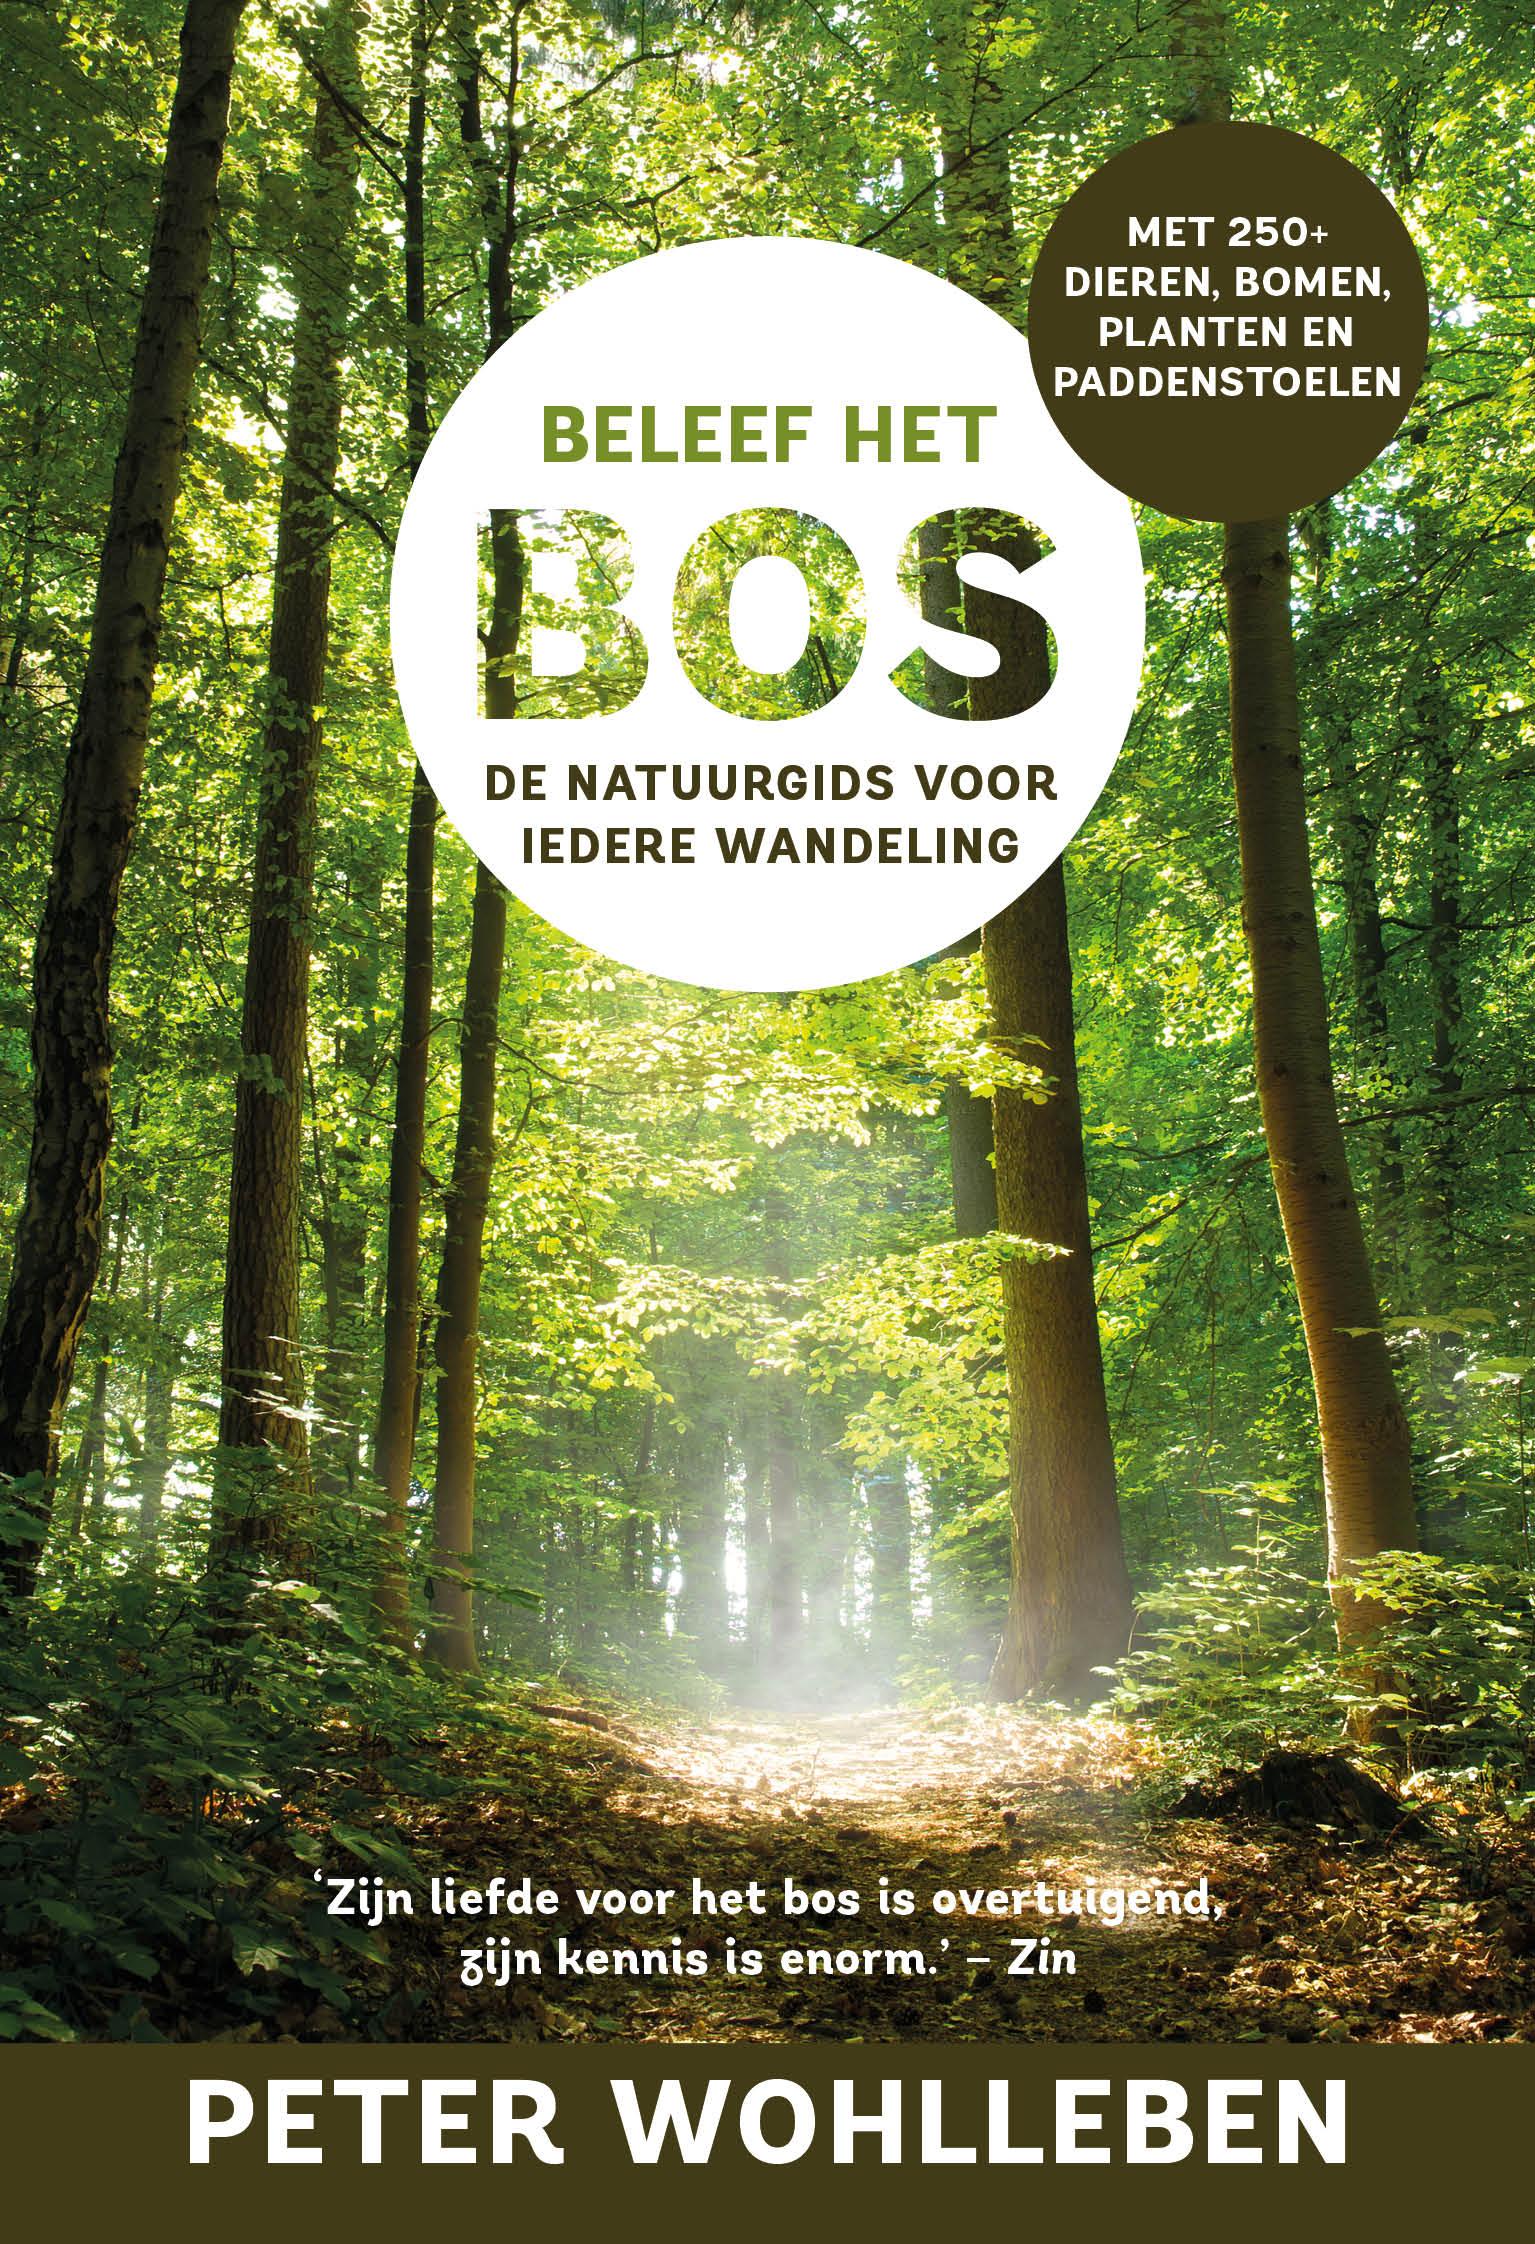 Beleef het bos - boekenflits